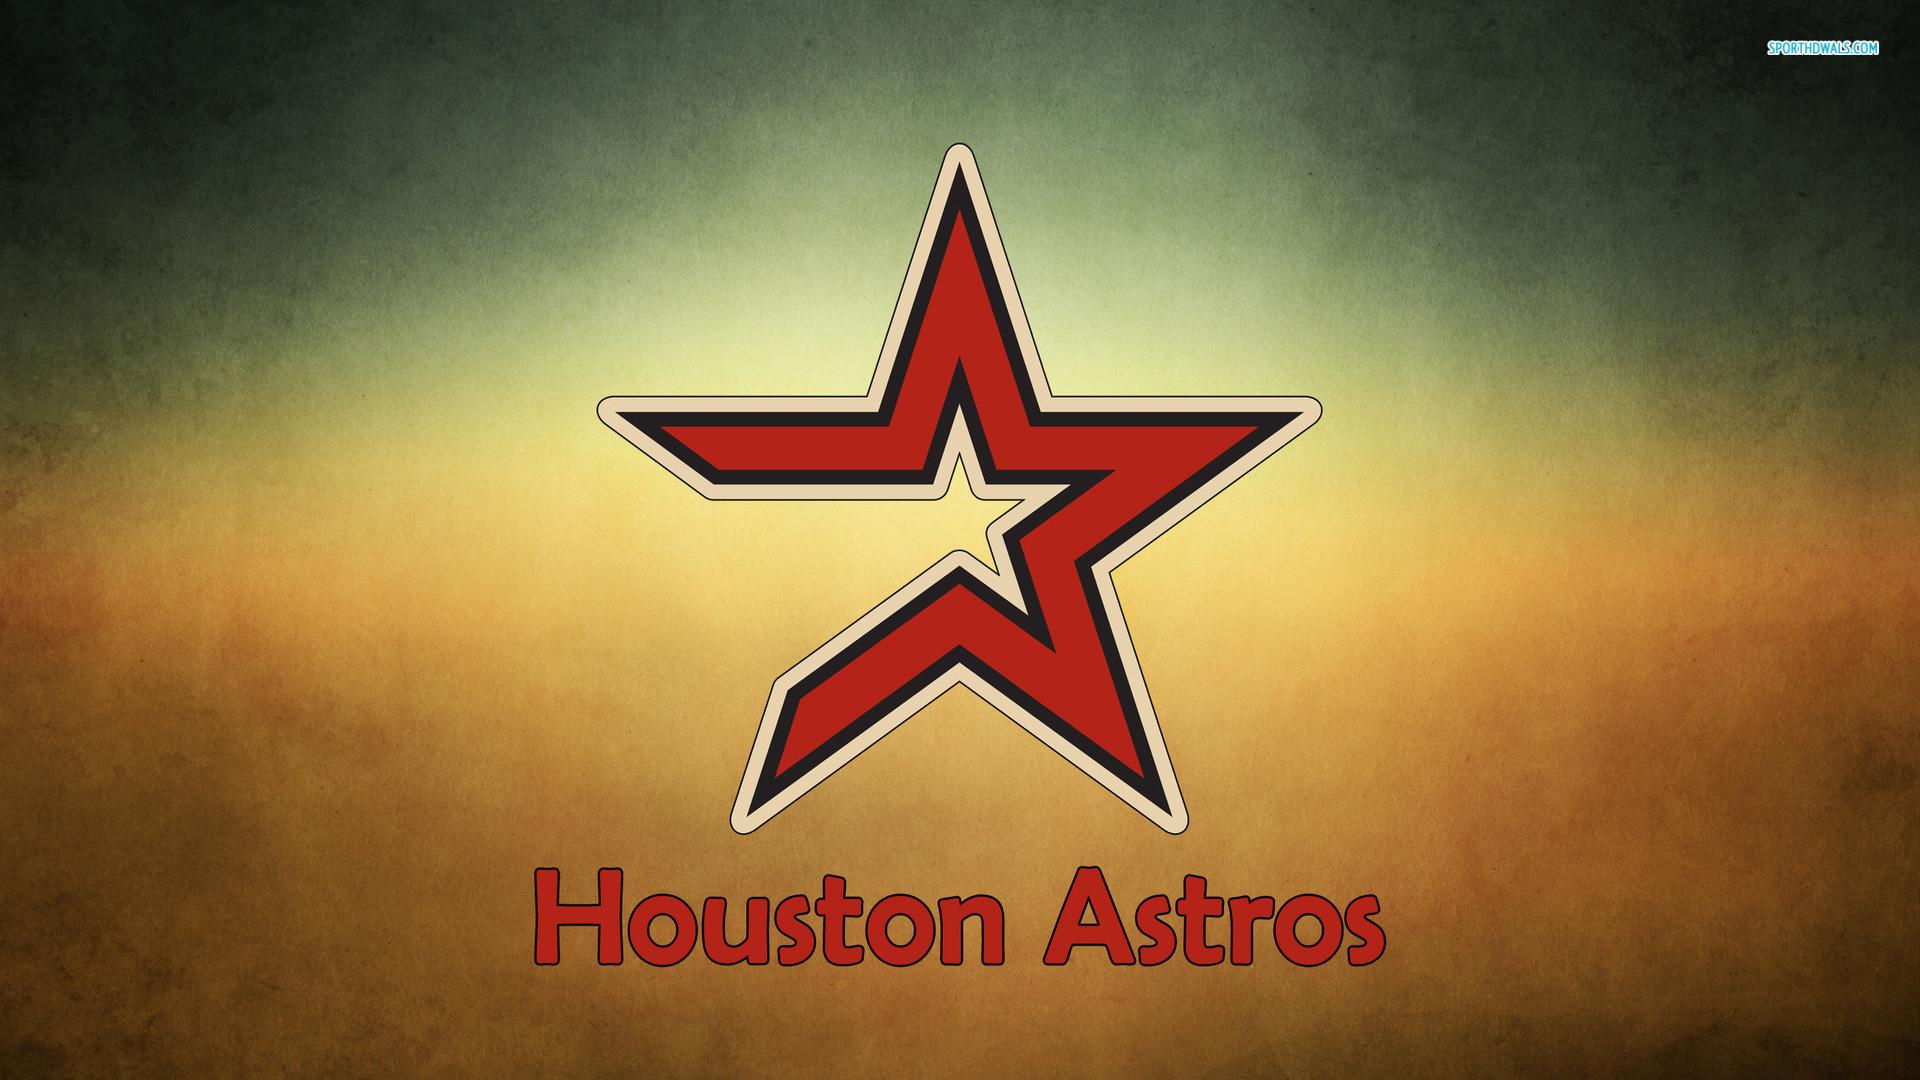 HOUSTON ASTROS mlb baseball (17) wallpaper     232045    WallpaperUP